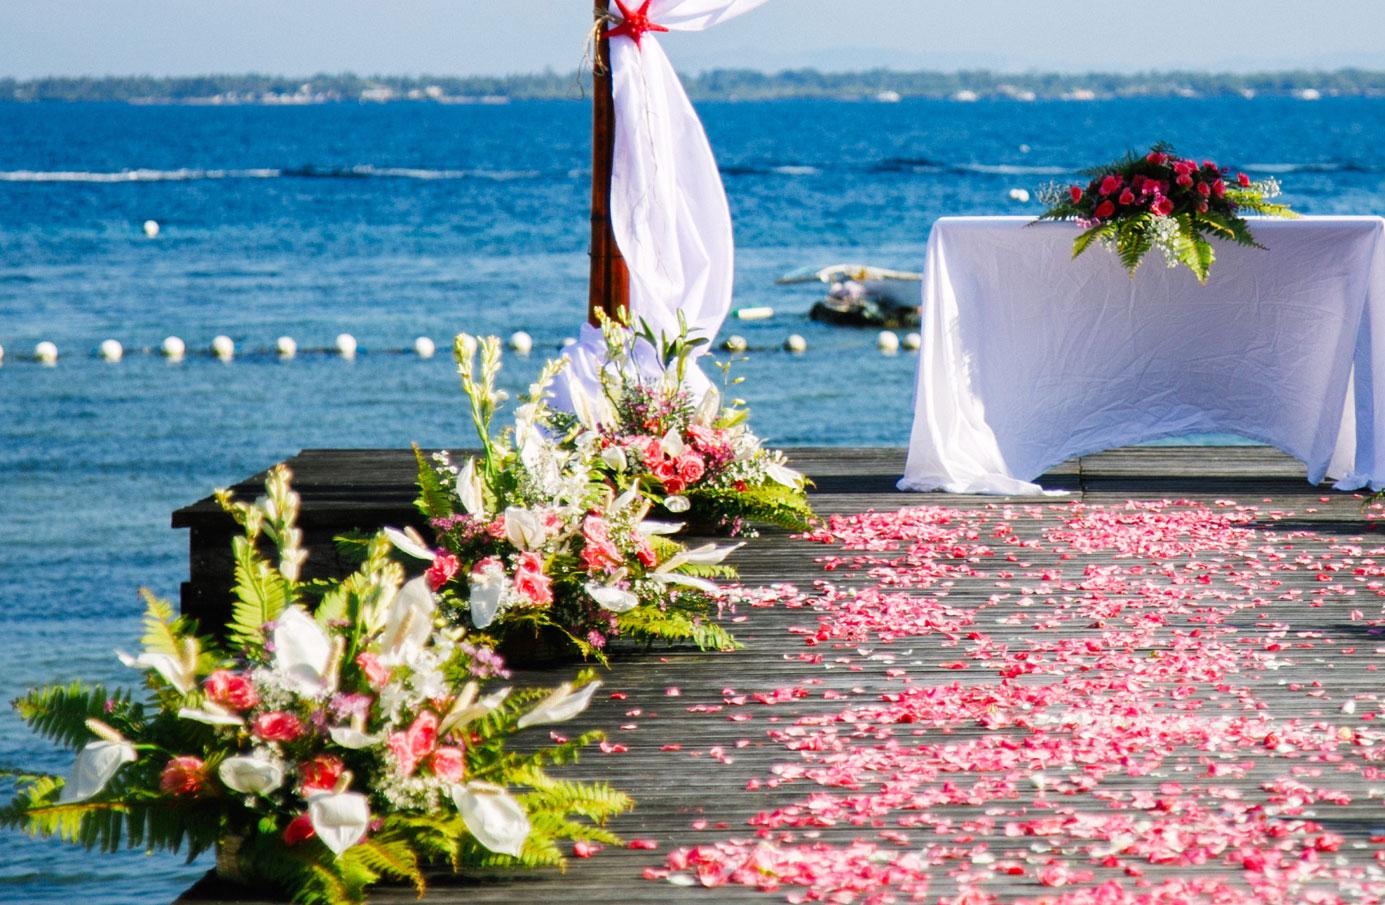 beachweddingdecoration13